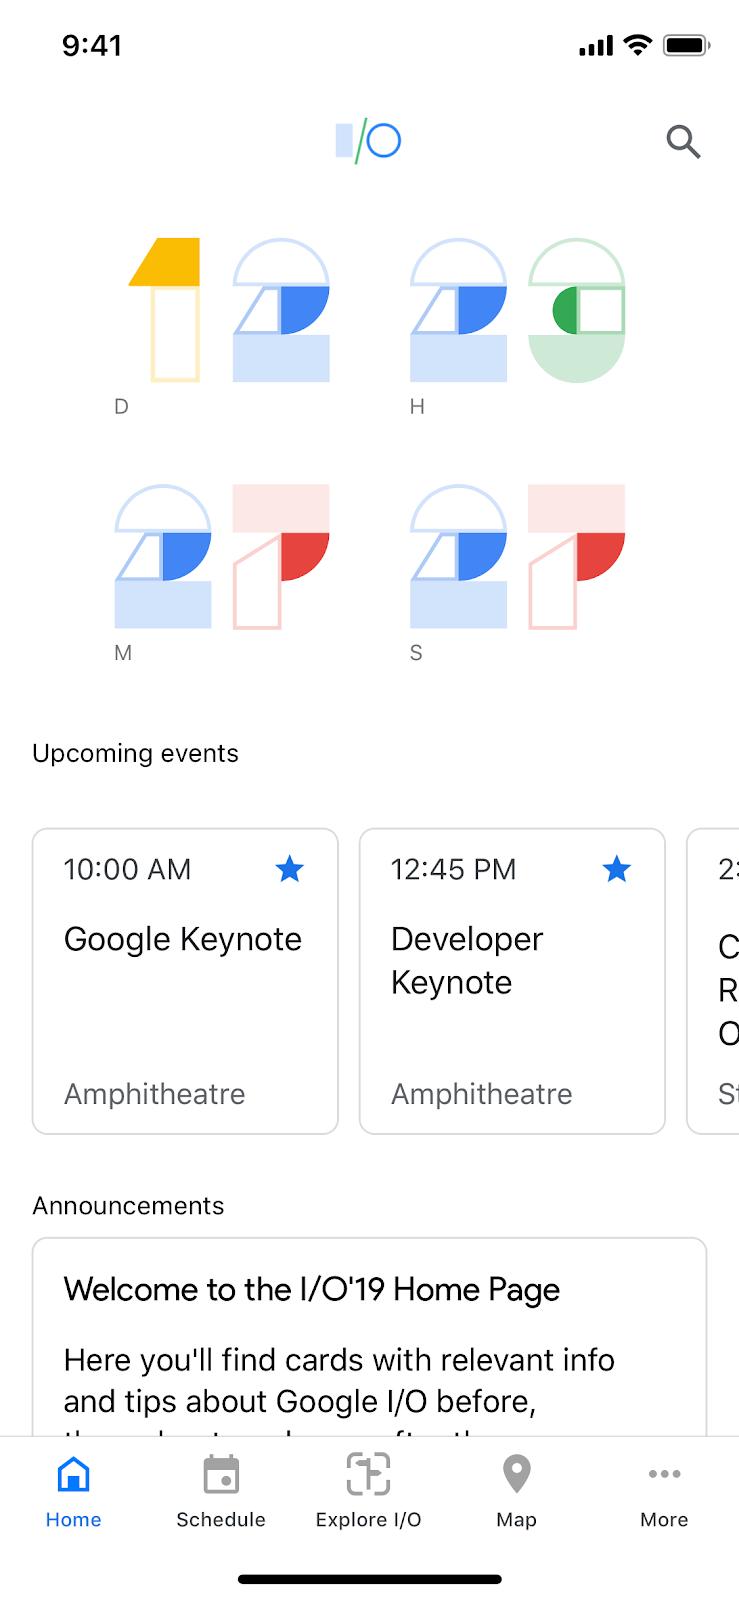 Google Developers Blog: The official Google I/O 2019 app is live